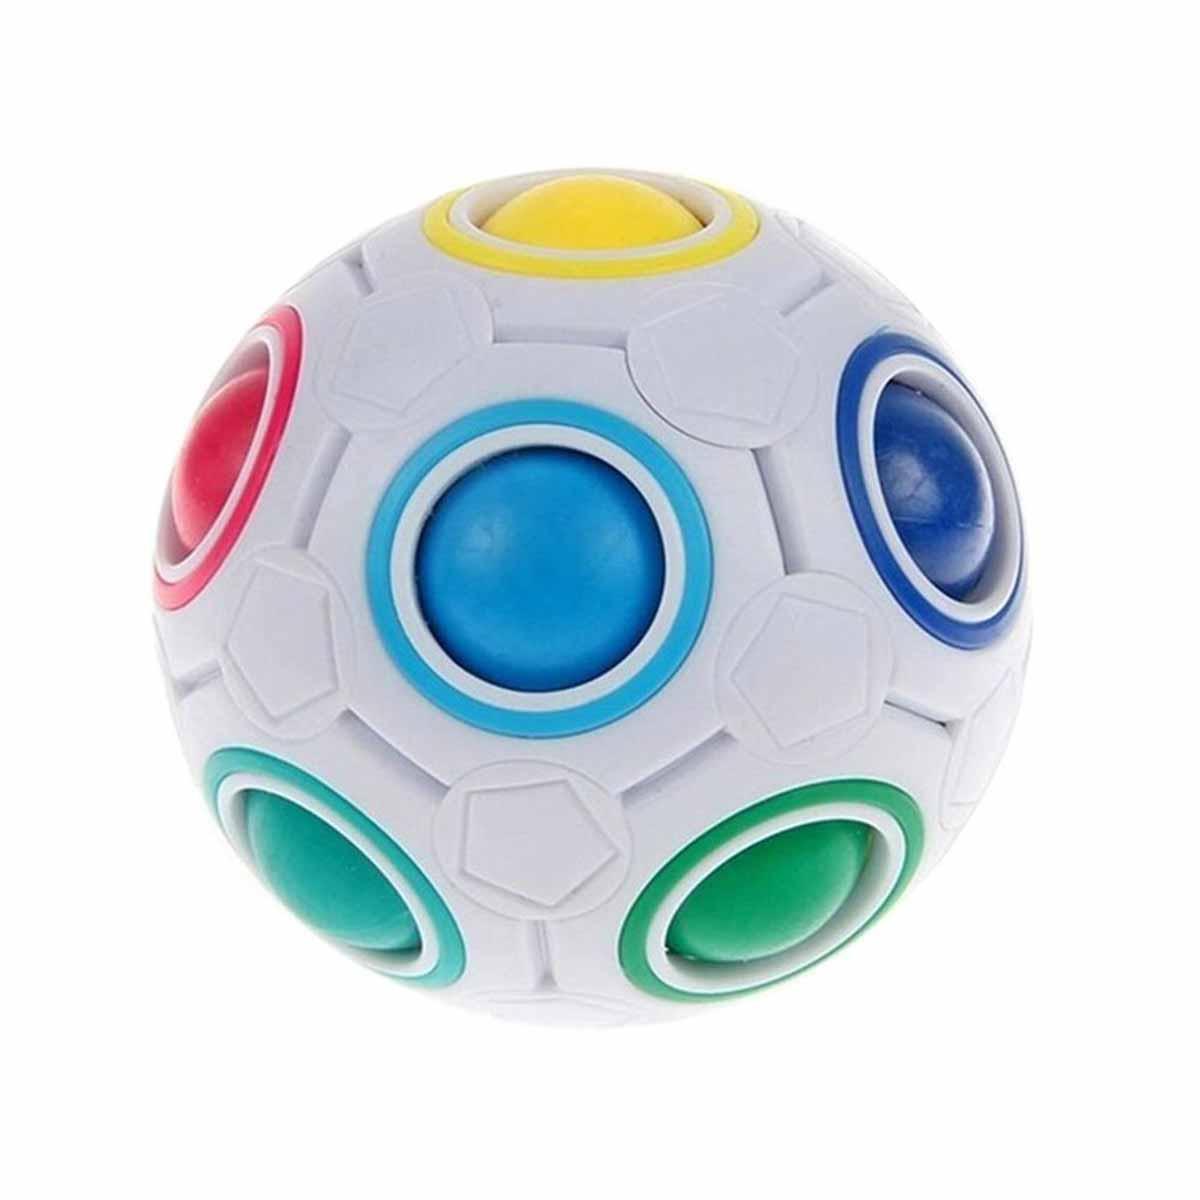 Test : Balle Anti-Stress, Magique Éducatifs Jouets De Puzzle concernant Jeux De Anti Stress